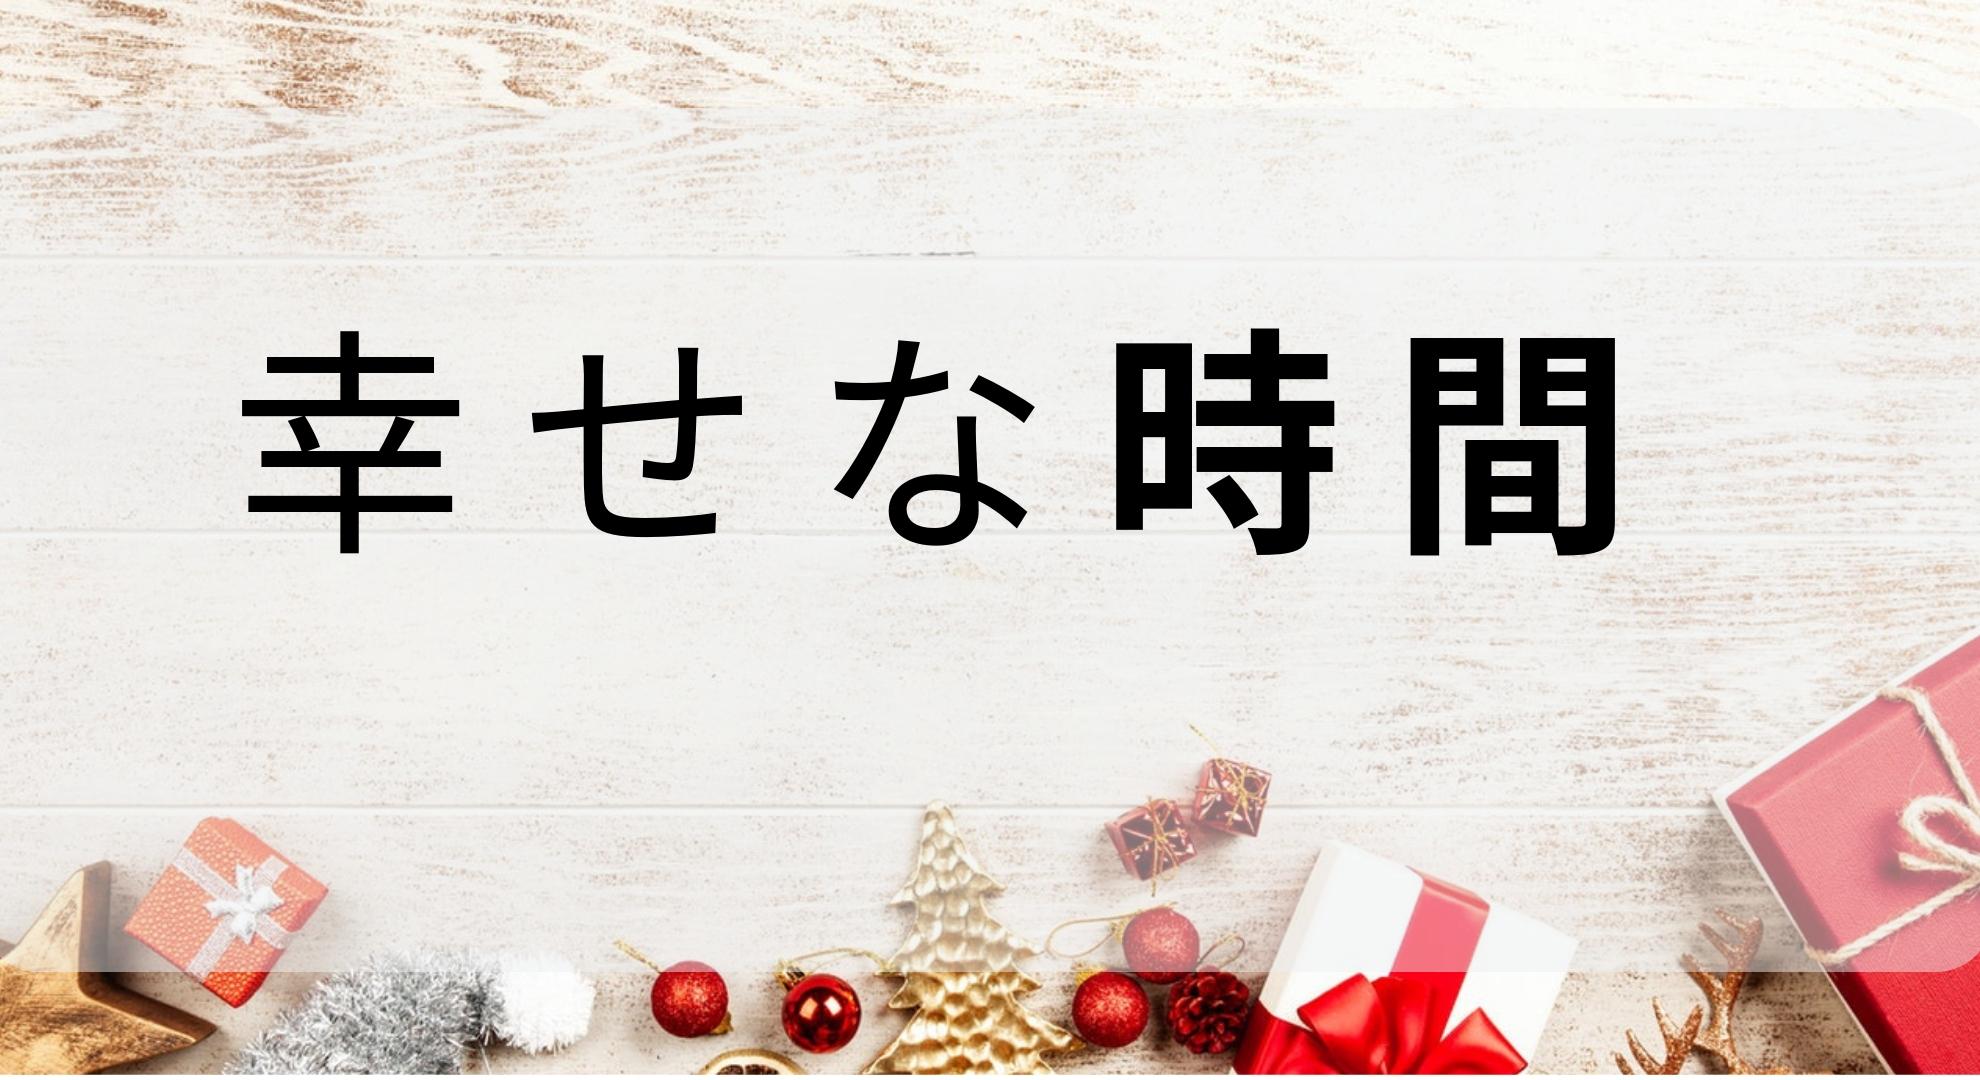 これだけあれ幸せ〜〜日本の底辺セミリタイアの幸せな時間の過ごし方